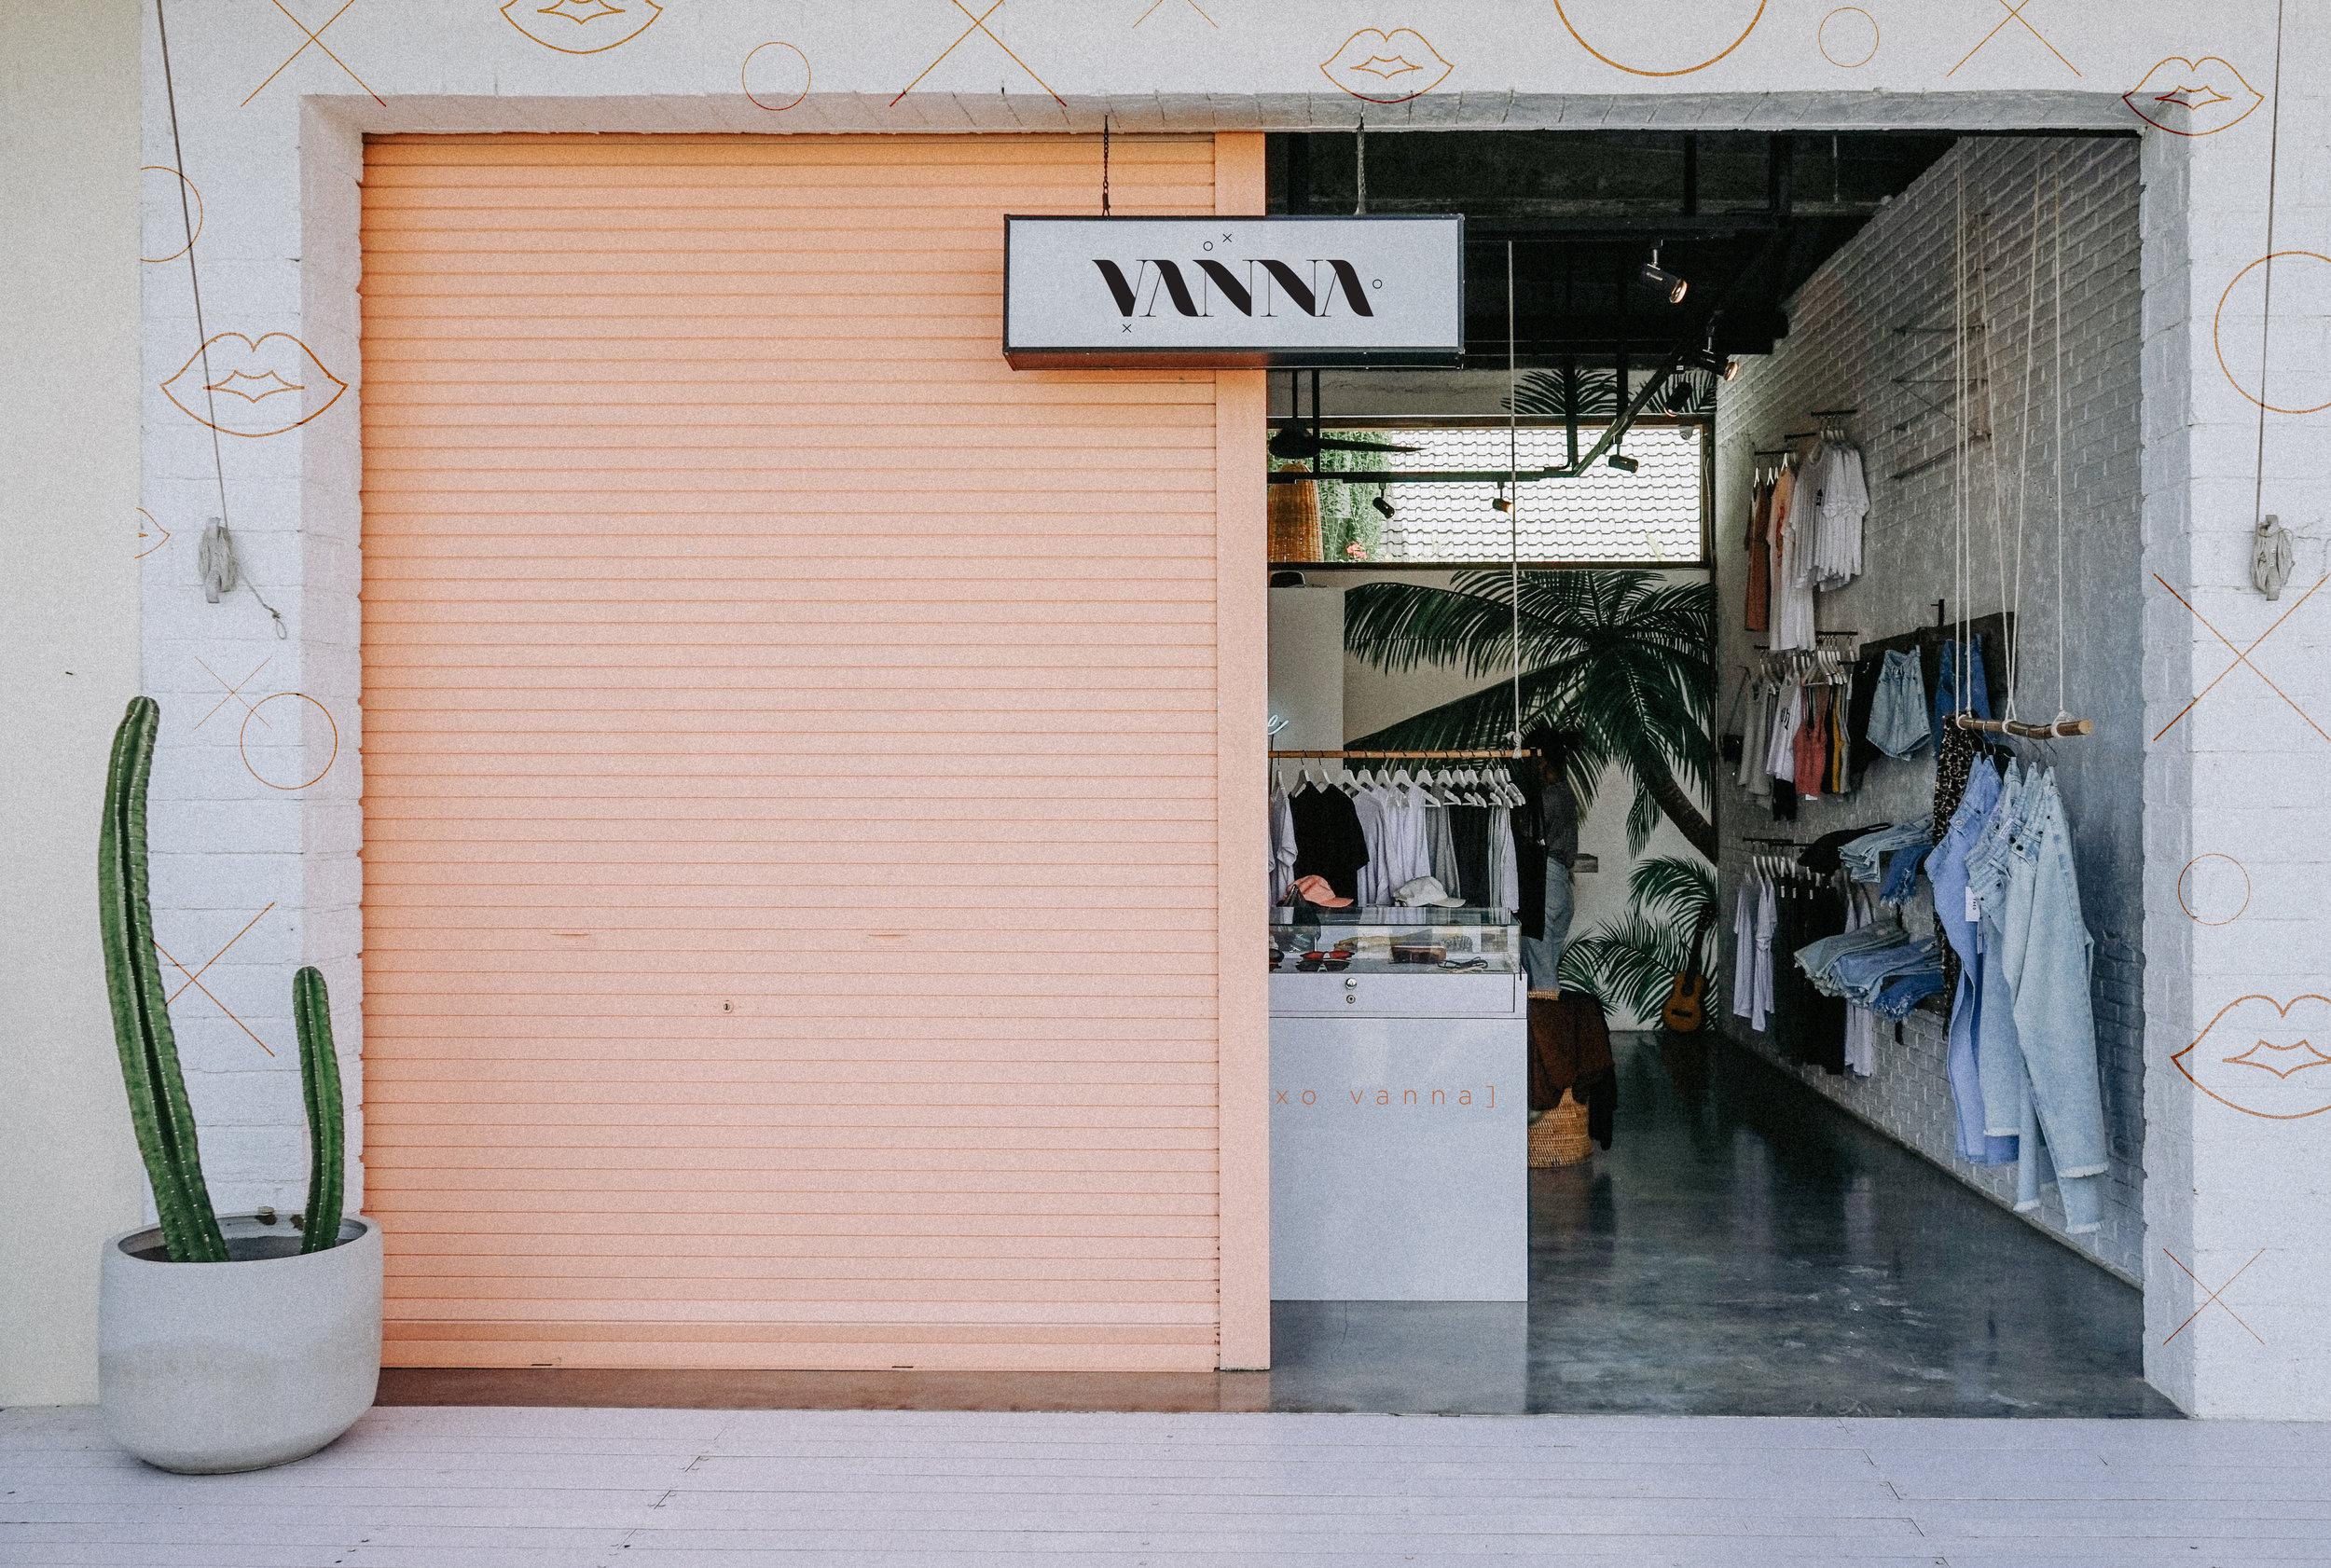 xoxo-vanna-store.jpg